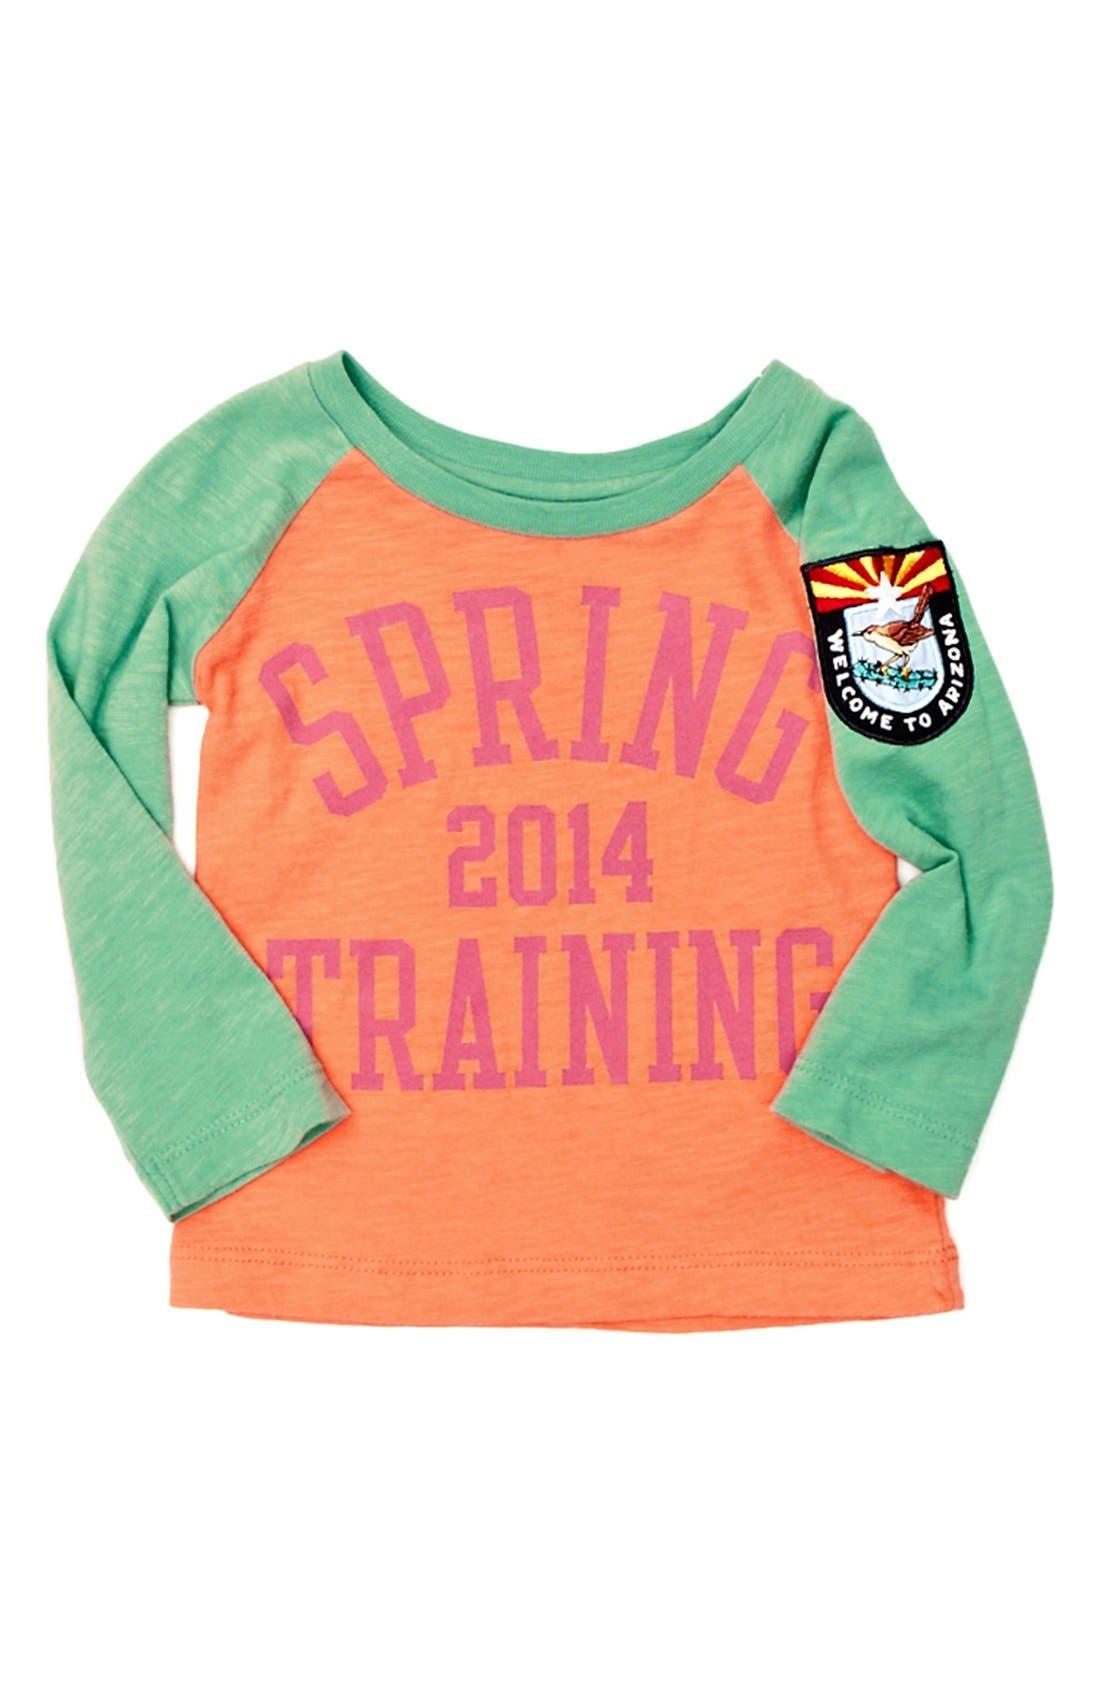 Main Image - Peek 'Spring Training' Tee (Baby Girls)